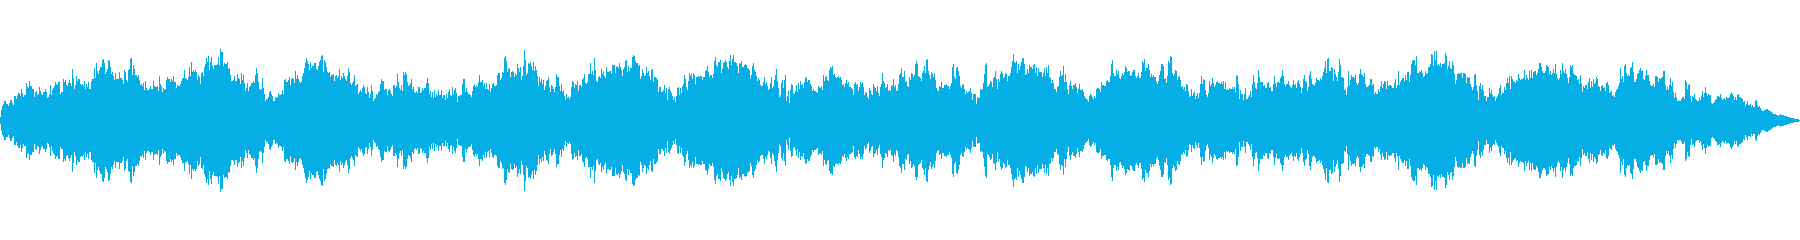 スペース、スロー、ステップ、ターニ...の再生済みの波形